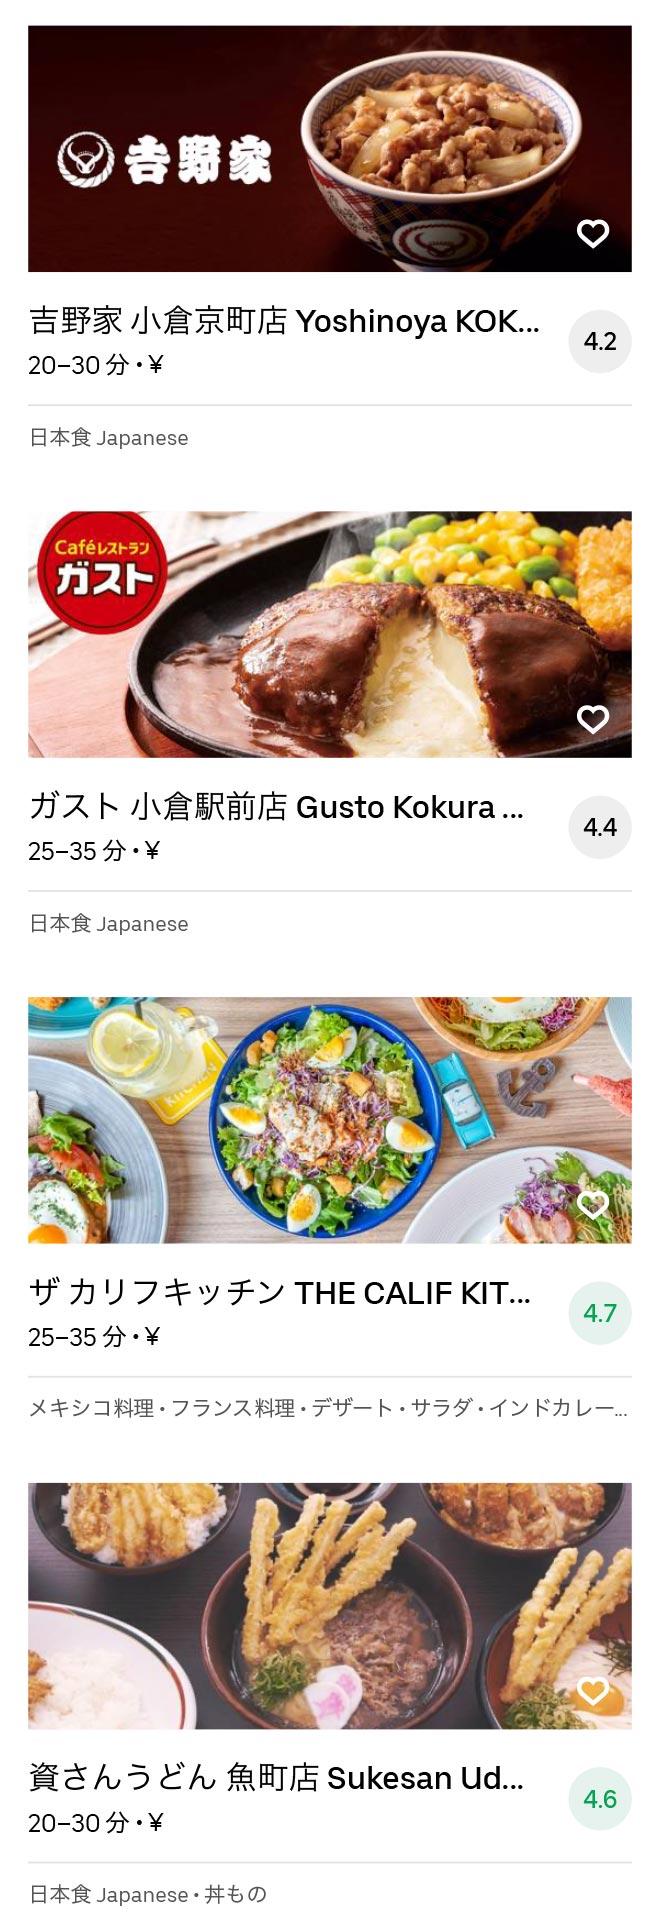 Kokura menu 2008 06